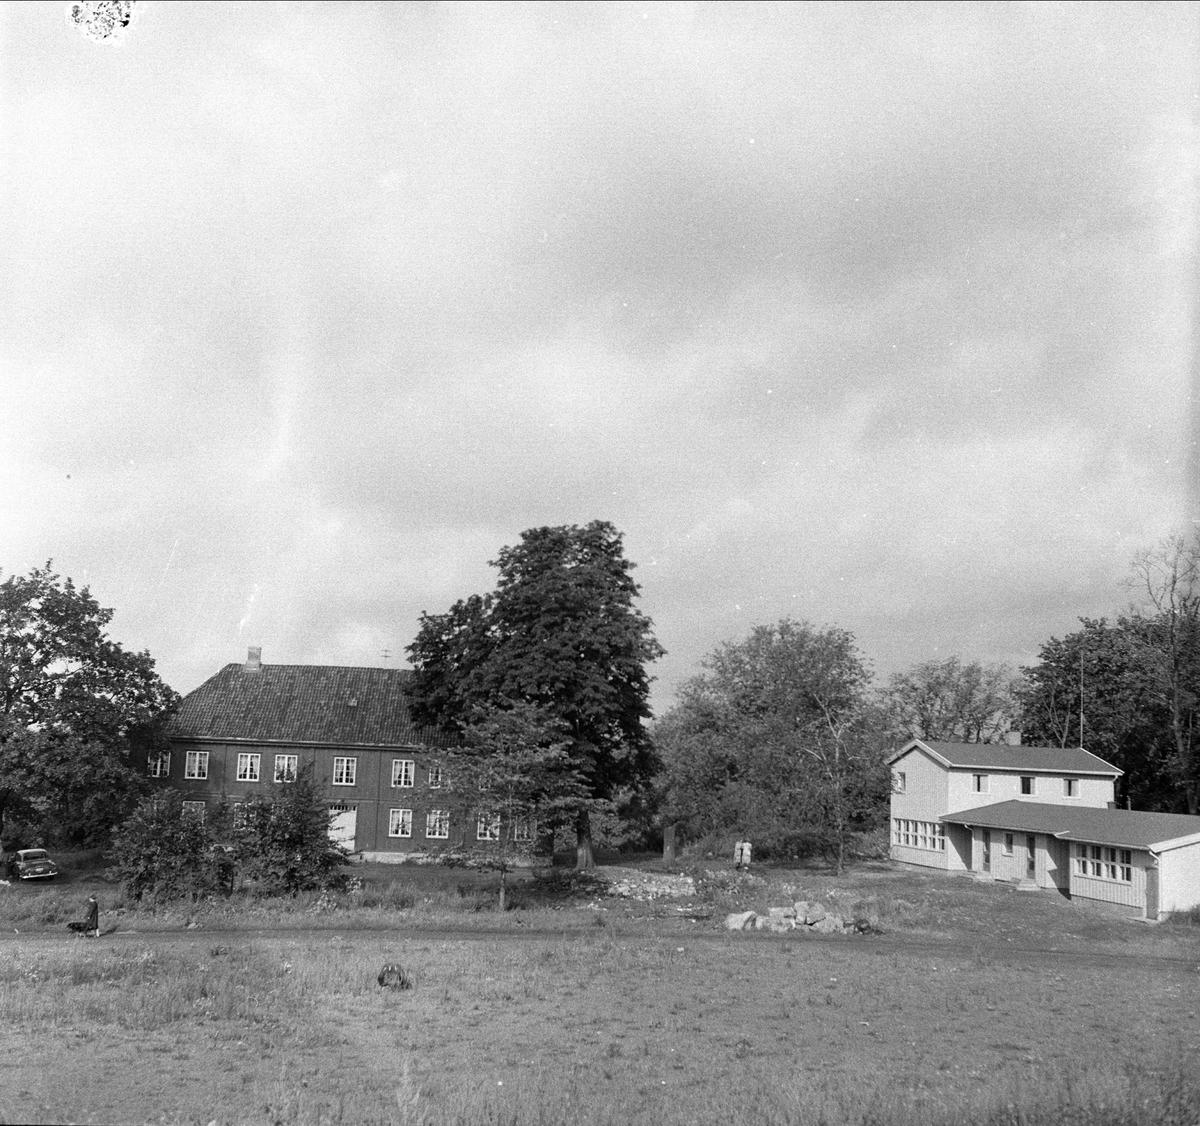 Østensjøvannet, Oslo, 13.08.1956. Bygninger.